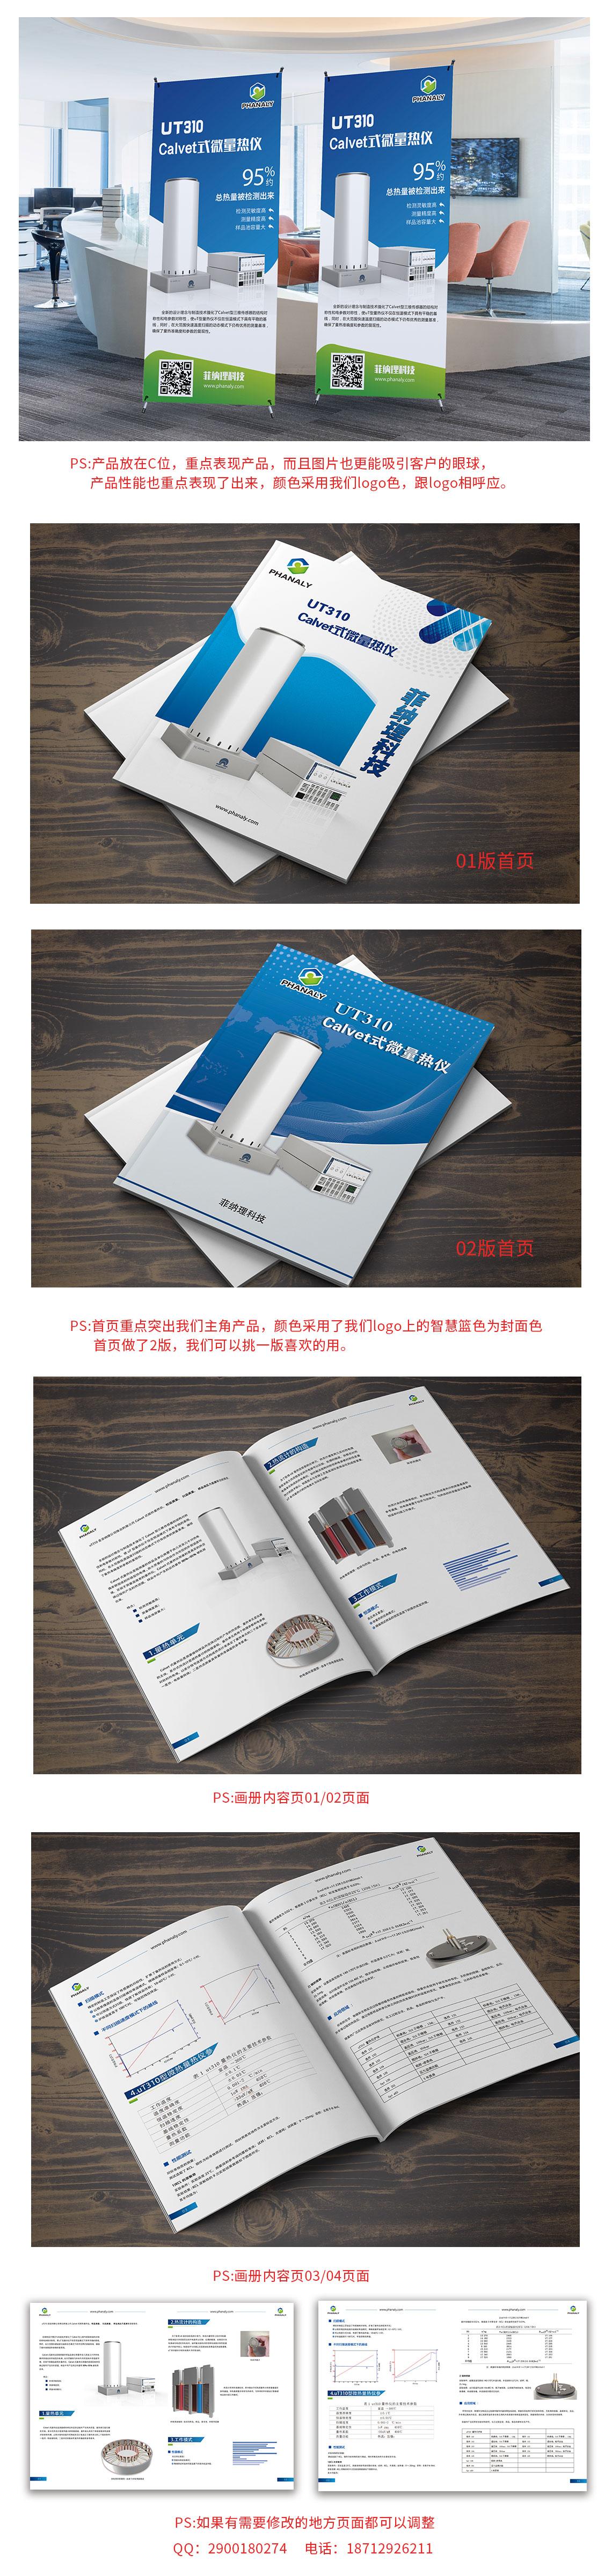 产品画册和易拉宝设计_3034343_k68威客网